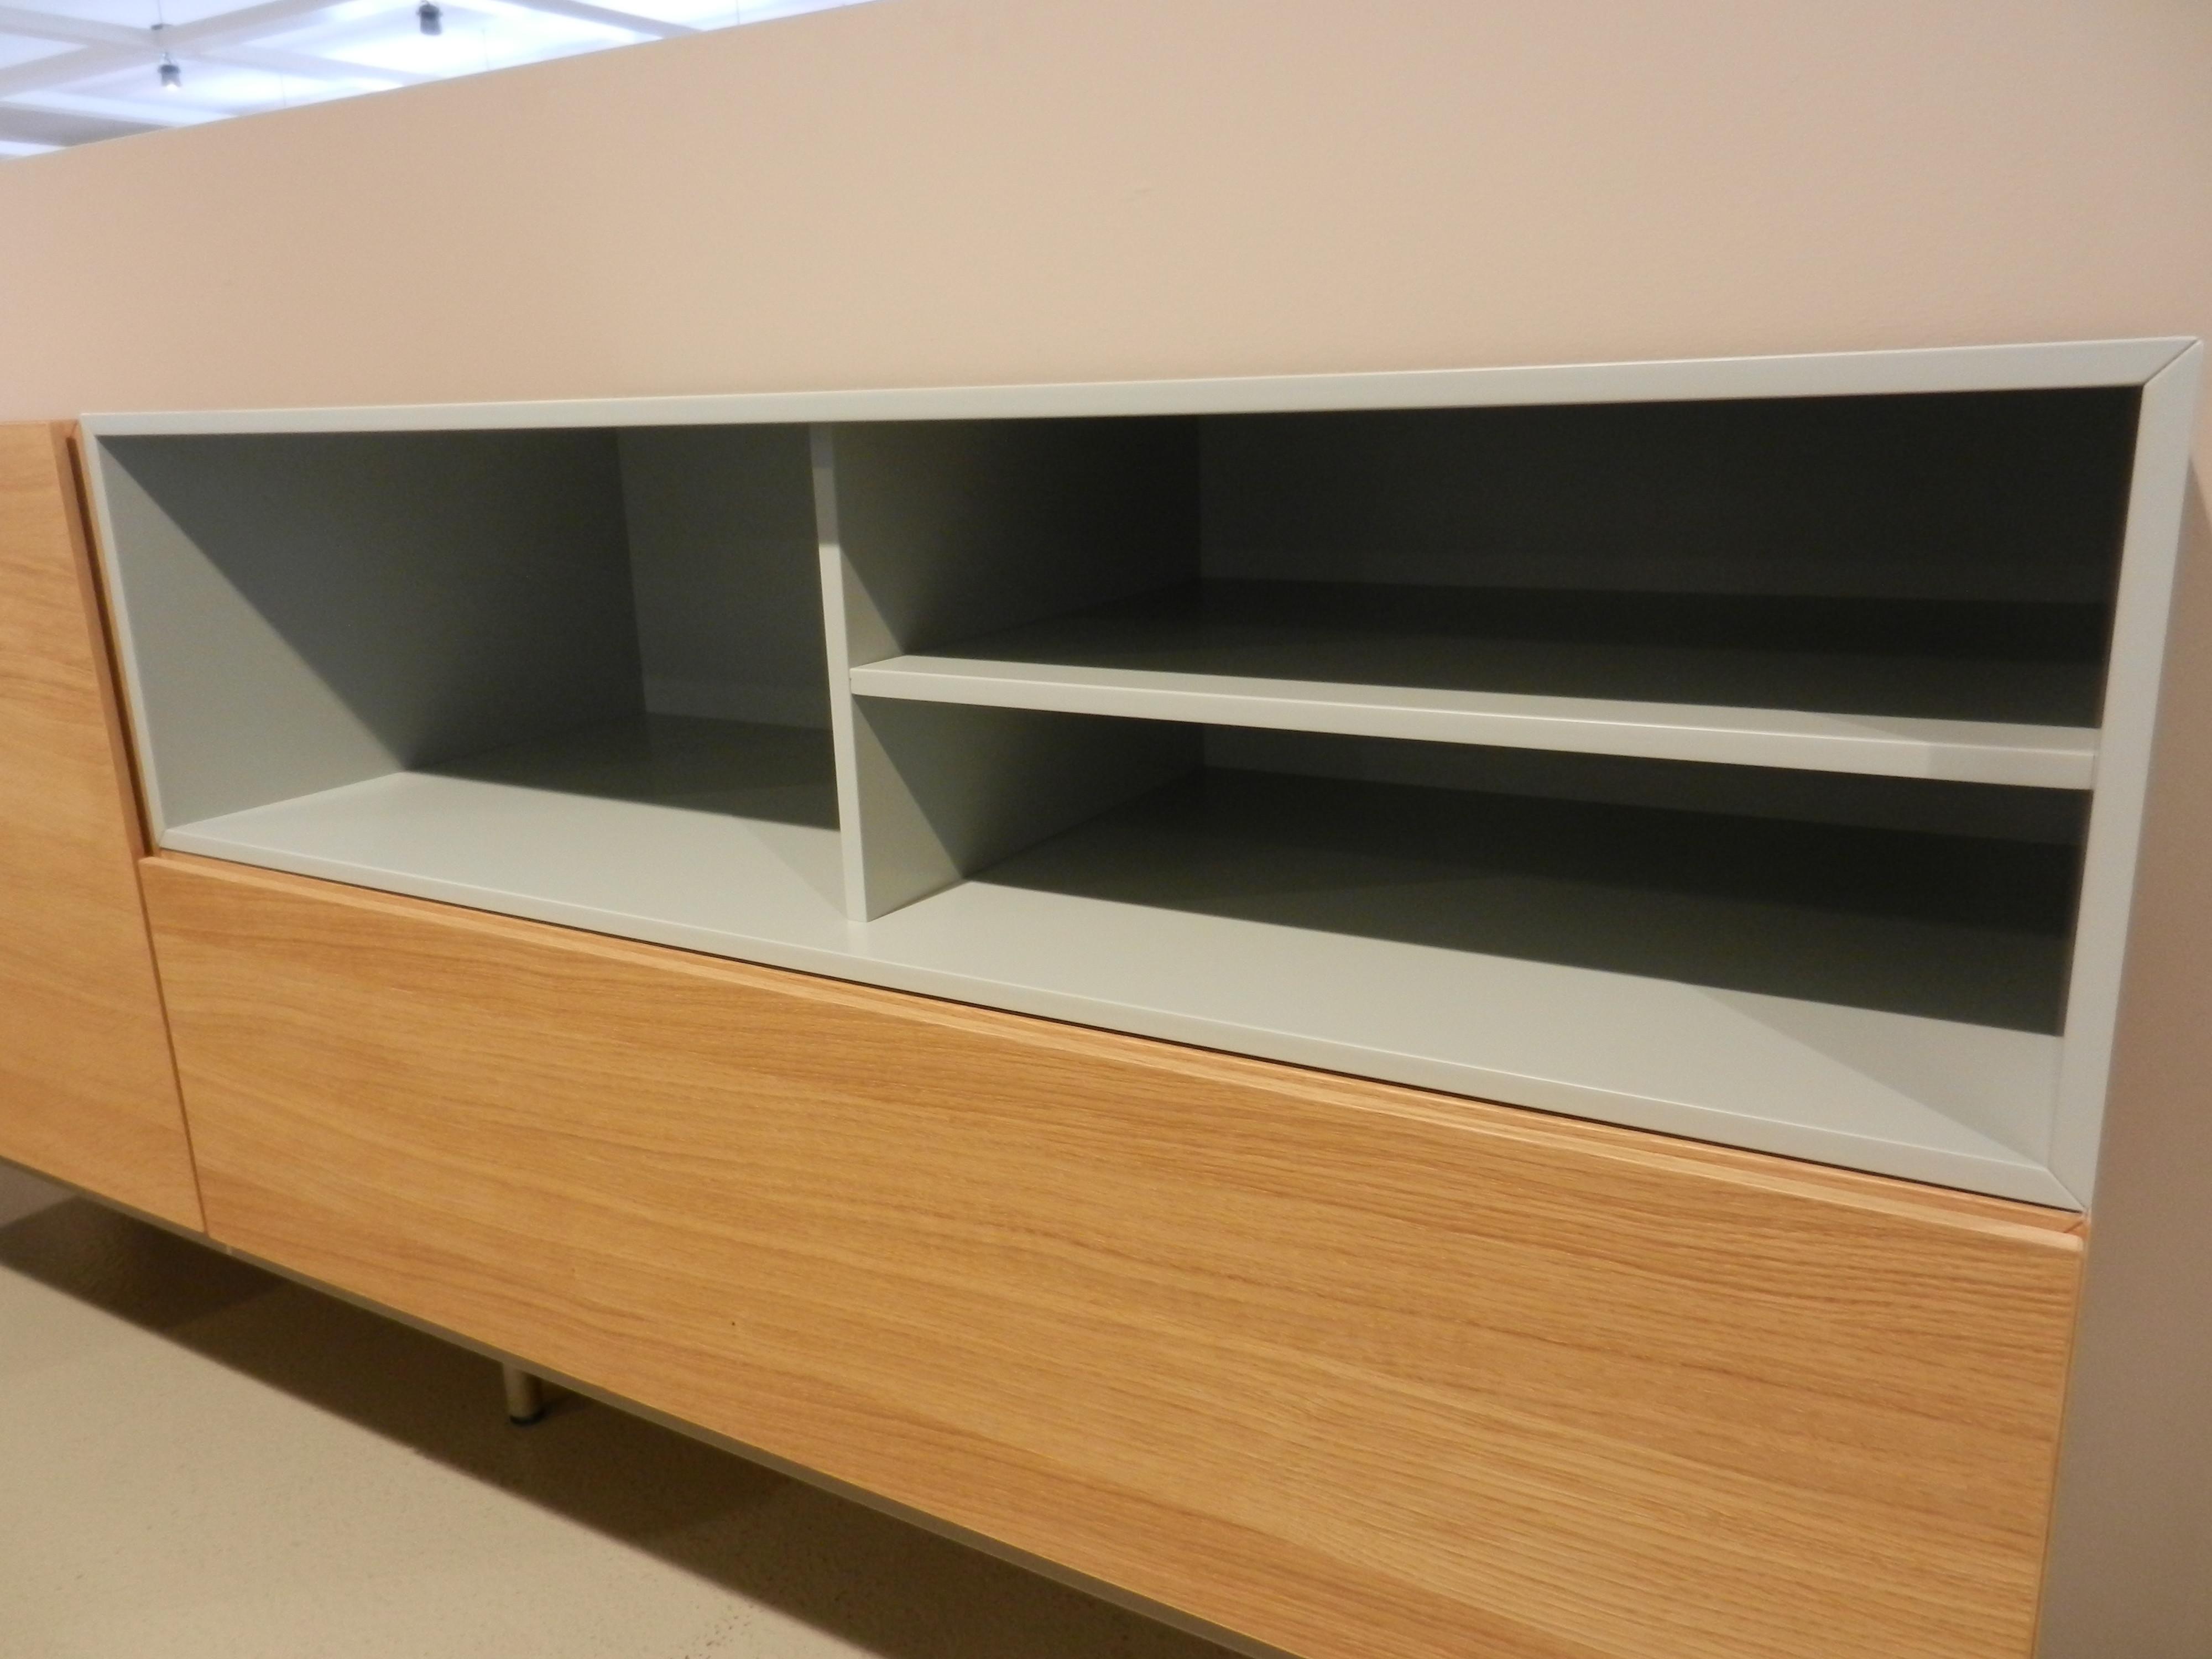 Sideboard Bellagio von Lüönd Swiss Design 02